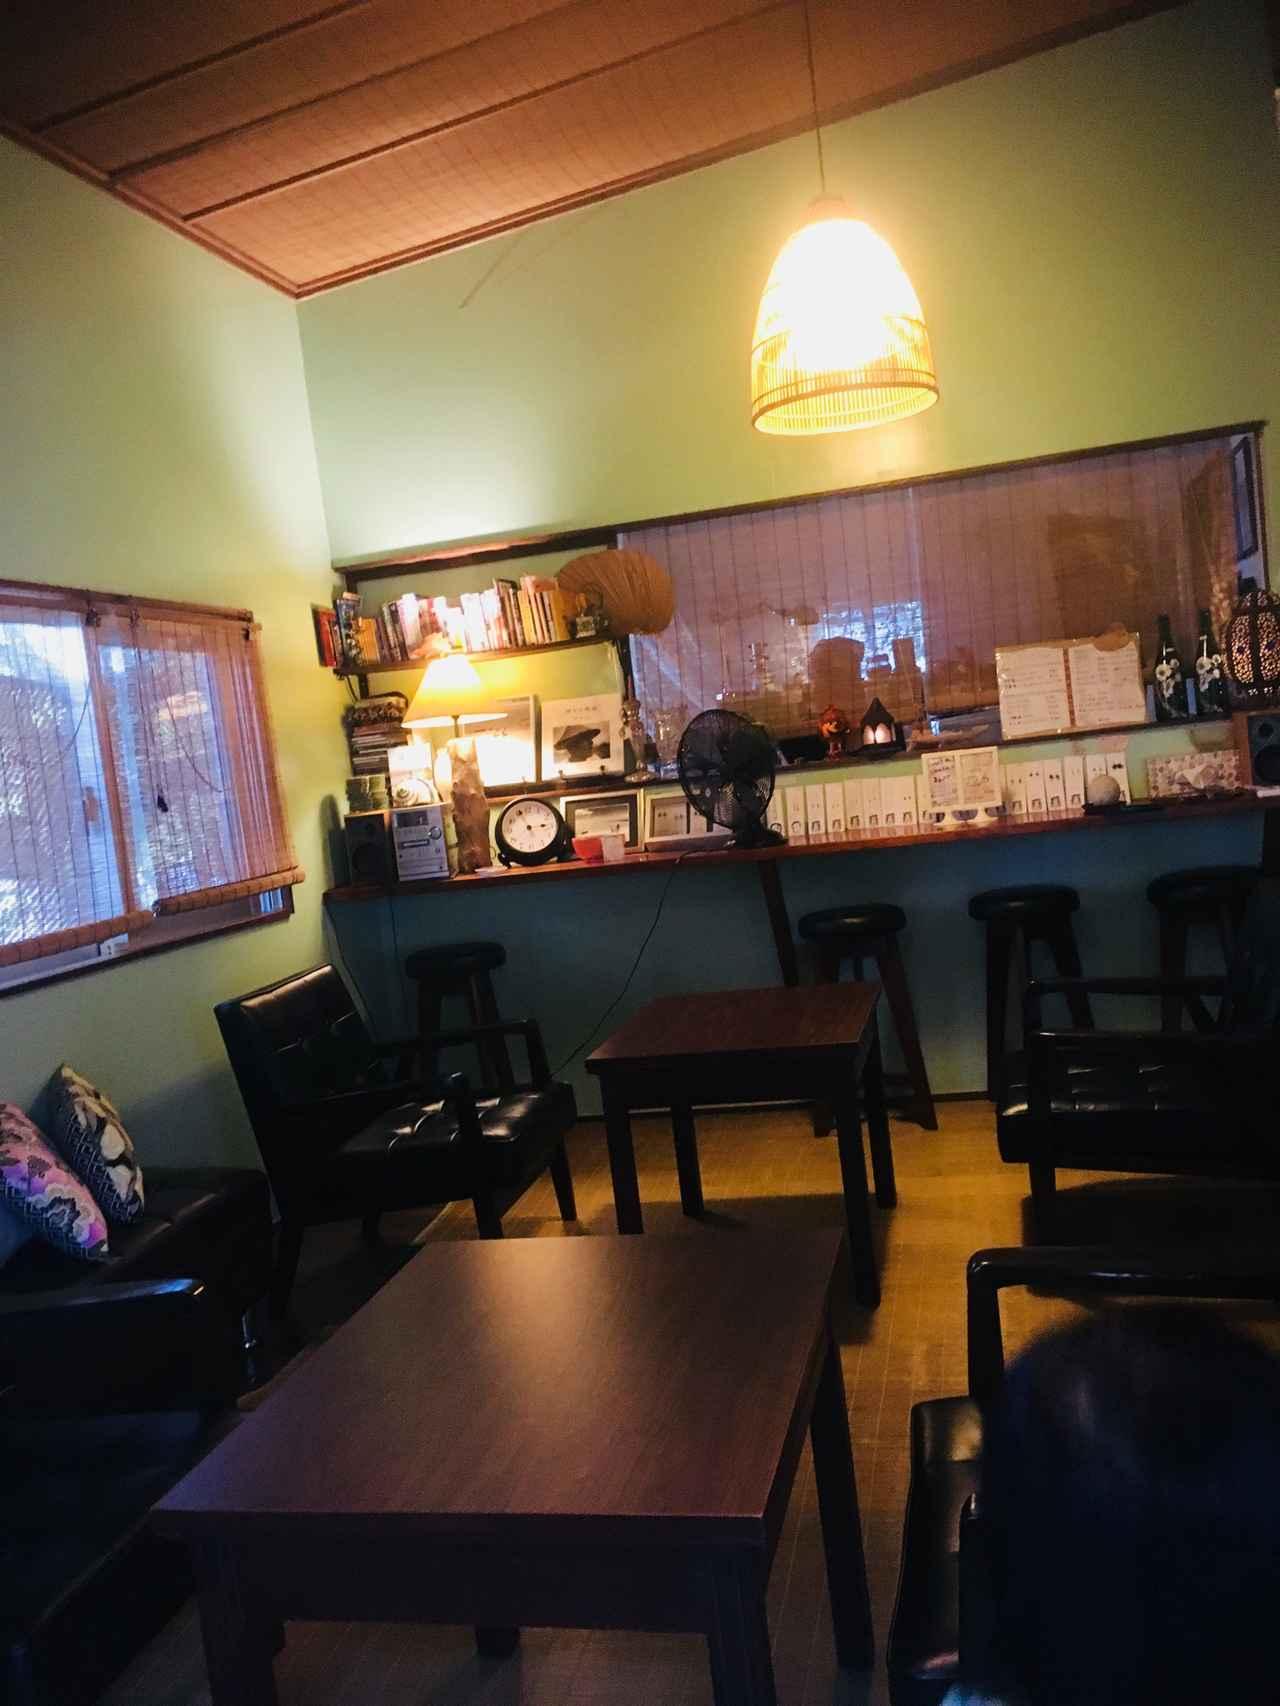 画像: わお!中はこんな雰囲気。黒島の長閑な場所からかけ離れたような店内にびっくり(  ゚Д゚) オサレ〜(✽´ཫ`✽) 黒島産アーサーのマヨトーストを注文。やっぱり地のものを食べないとね( ꇐ₃ꇐ )